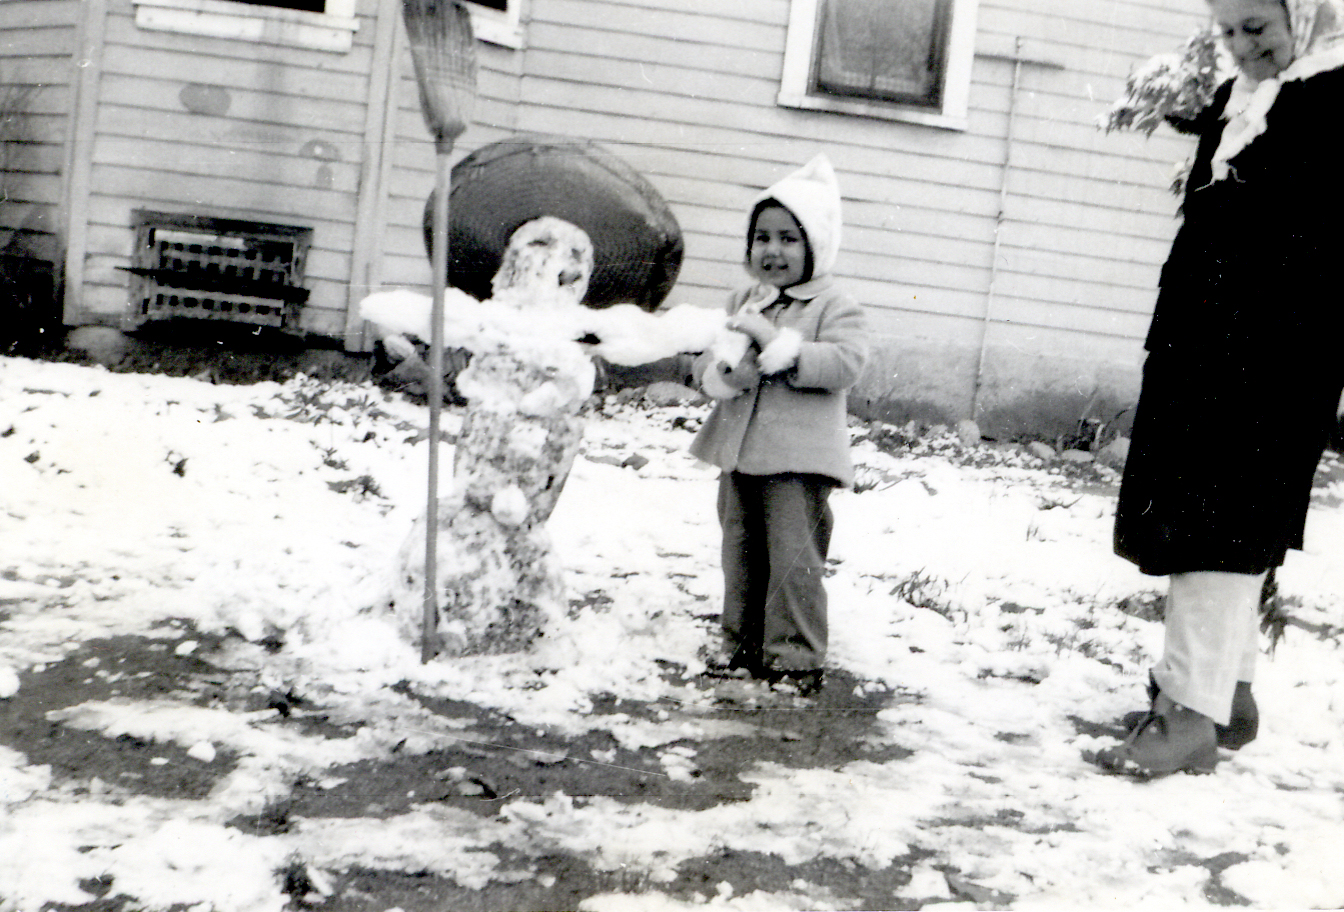 bonhomme neige ancien photo 25 Des bonshommes de neige à lancienne